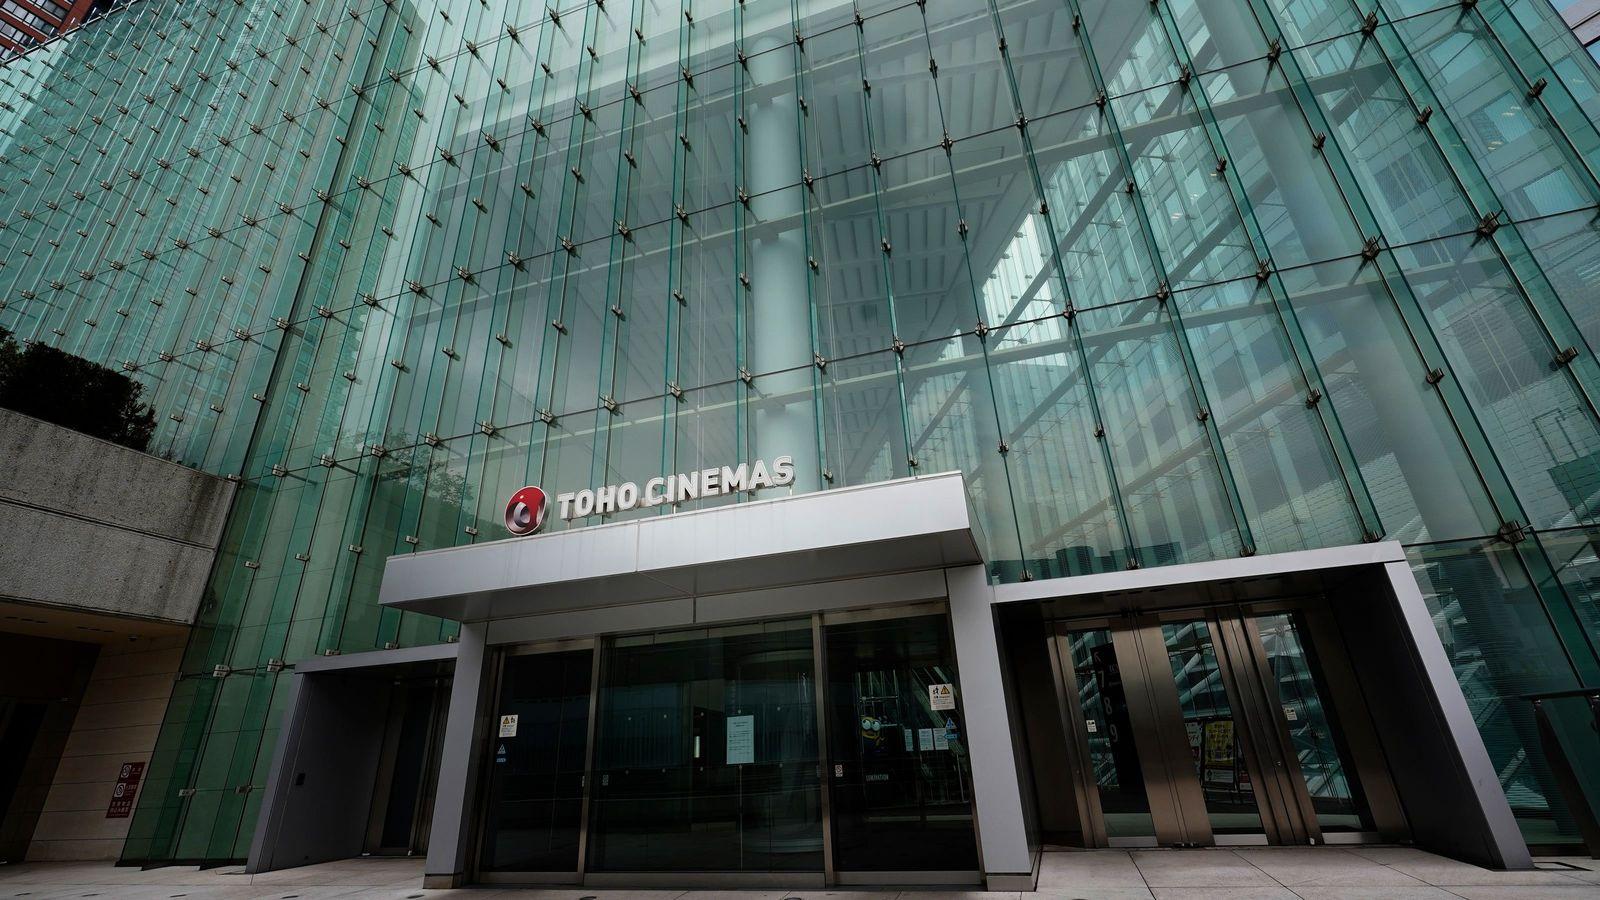 """""""自宅で映画""""が当たり前の世界に、映画館は必要なのか 収益性もオンラインの方が高い"""